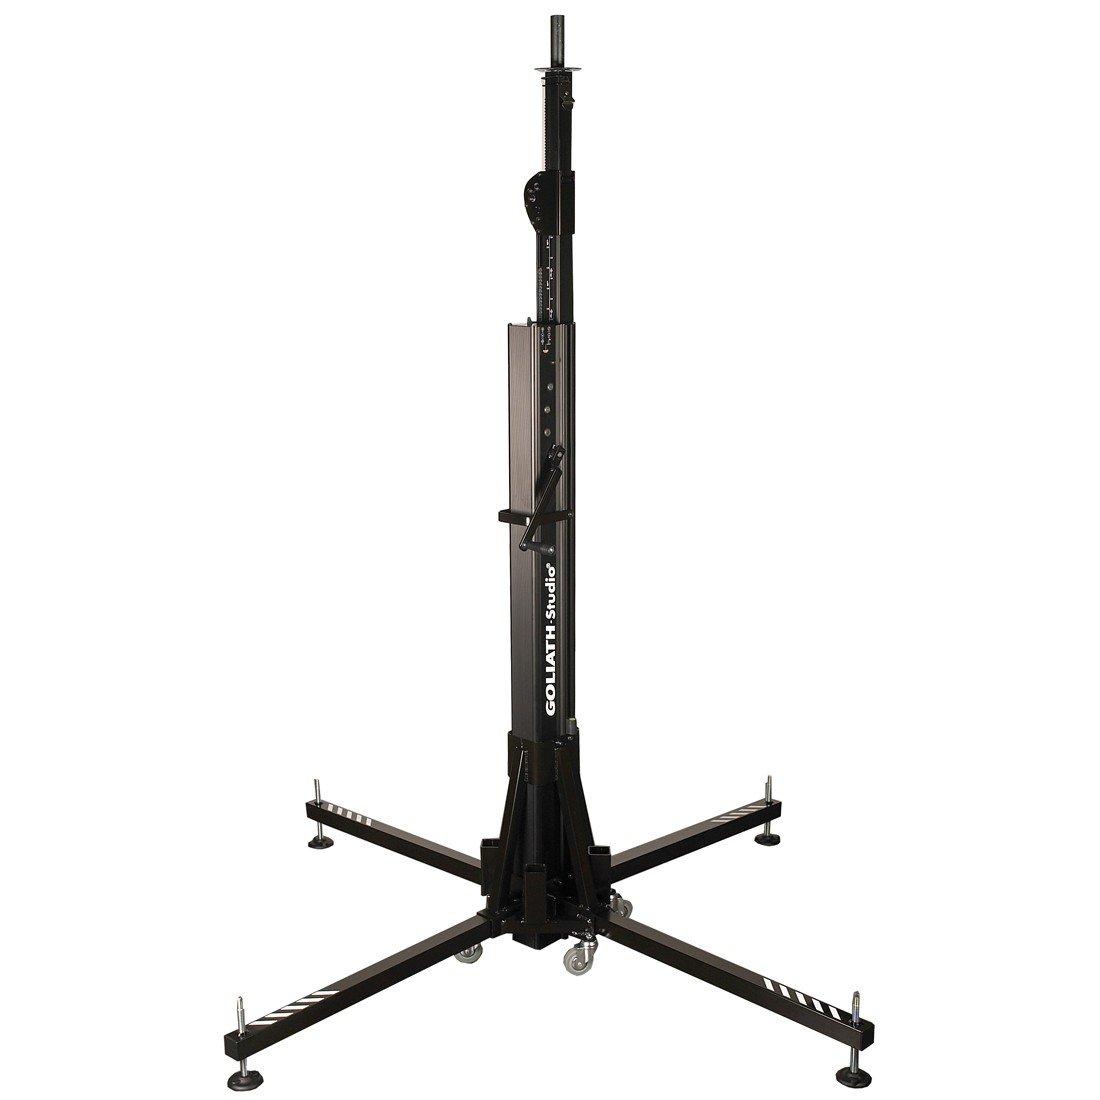 Pied pro téléscopique DuraTruss Goliath studio DT ST-5200P 5m 200Kg